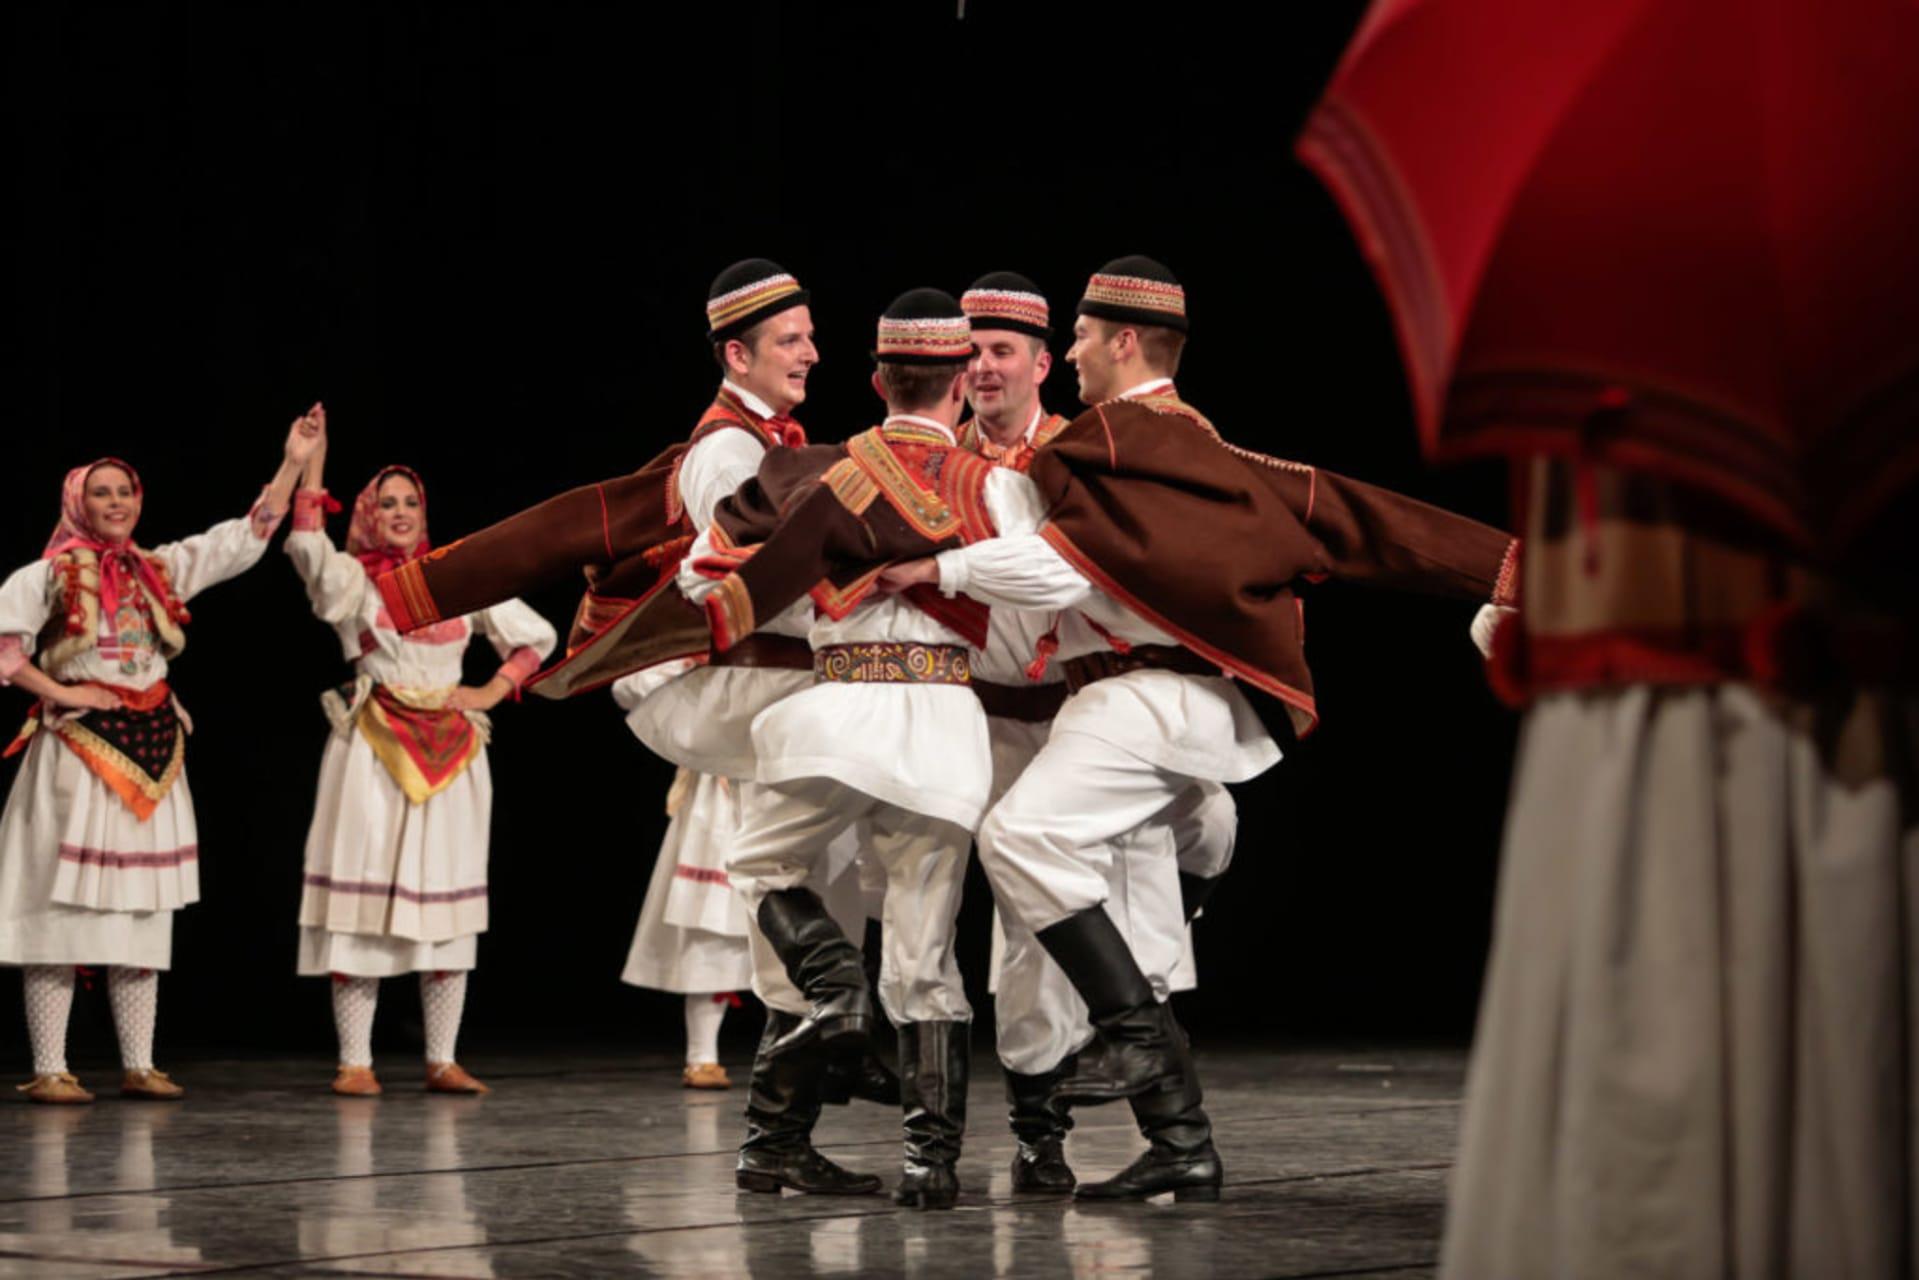 Korcula - Croatian Rawers & Croatian Folklore Wohoooooo!